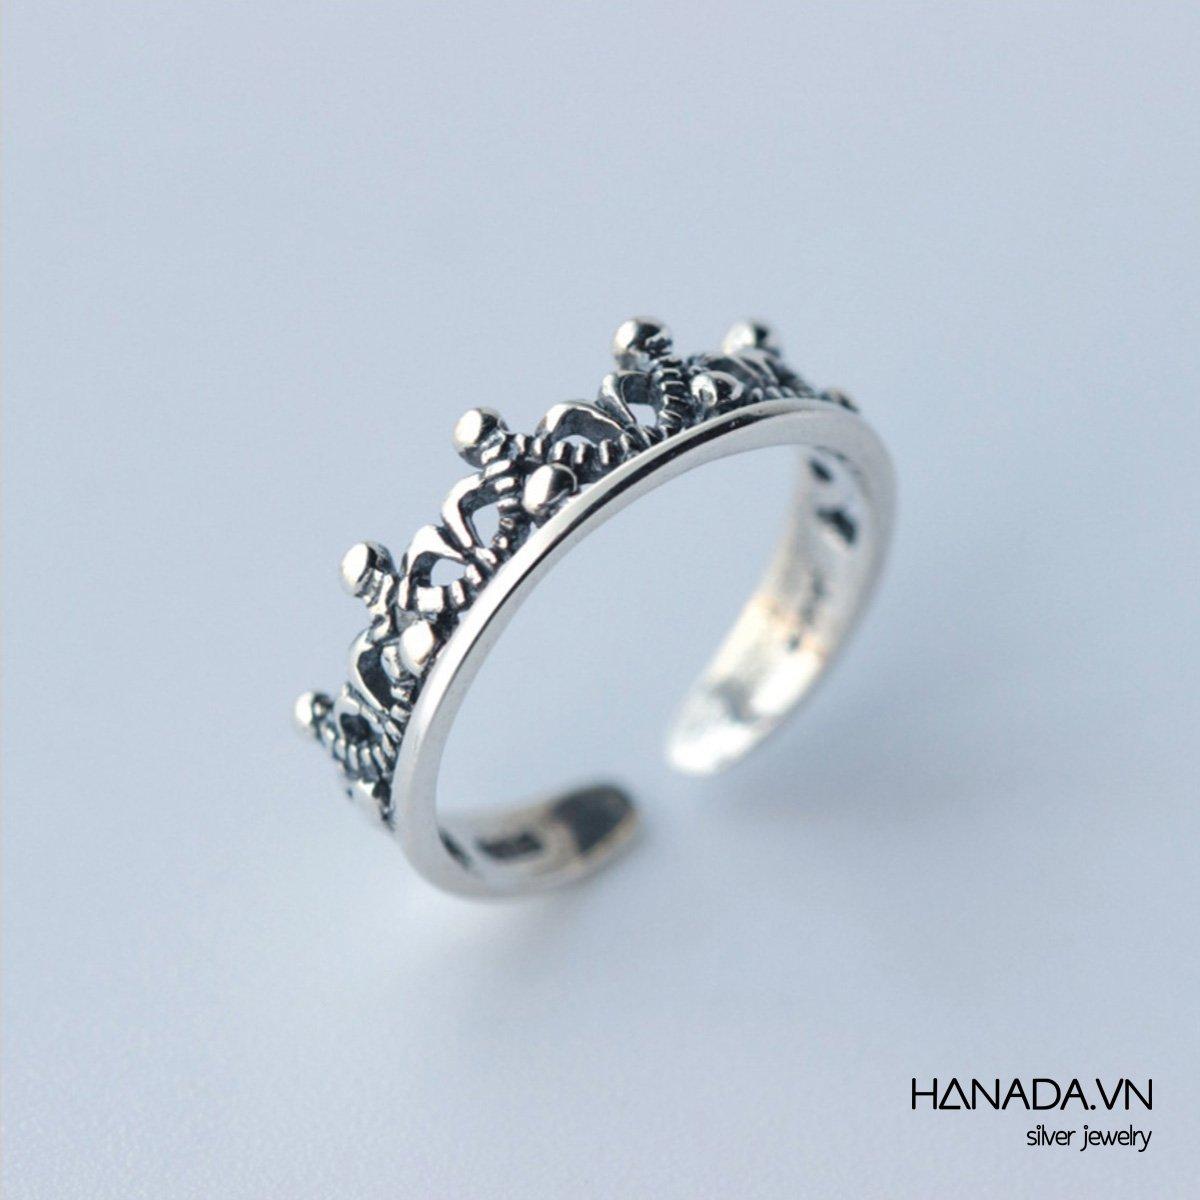 Nhẫn Bạc 925 Hanada Nhẫn Bạc Vương Miện Nhỏ Unisex Xi Đen